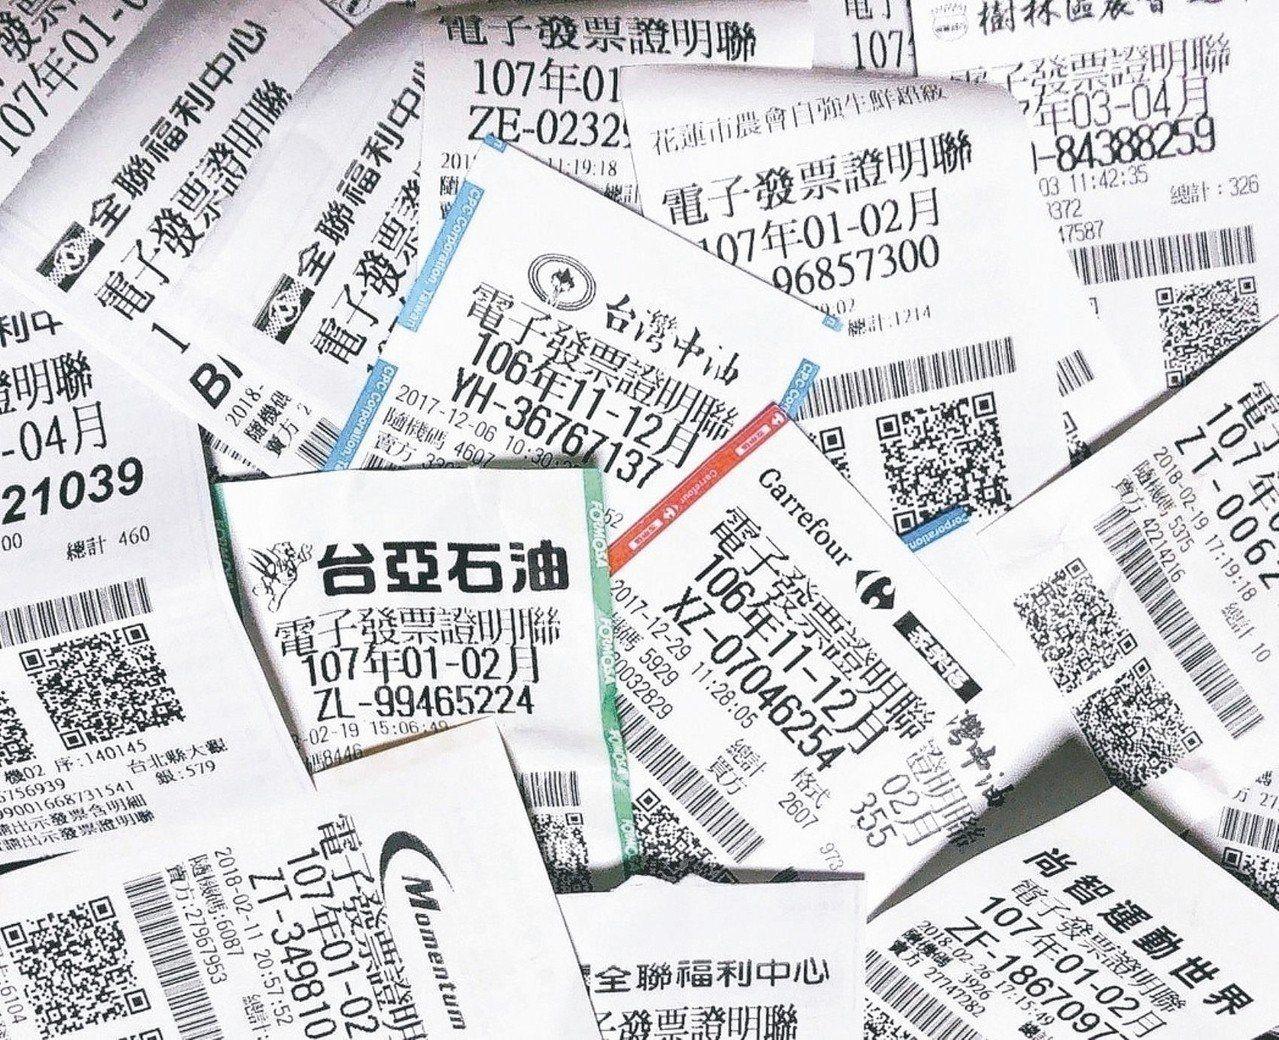 經濟部台灣自來水公司第一區管理處今天指出,9-10月統一發票於11月25日公布中...